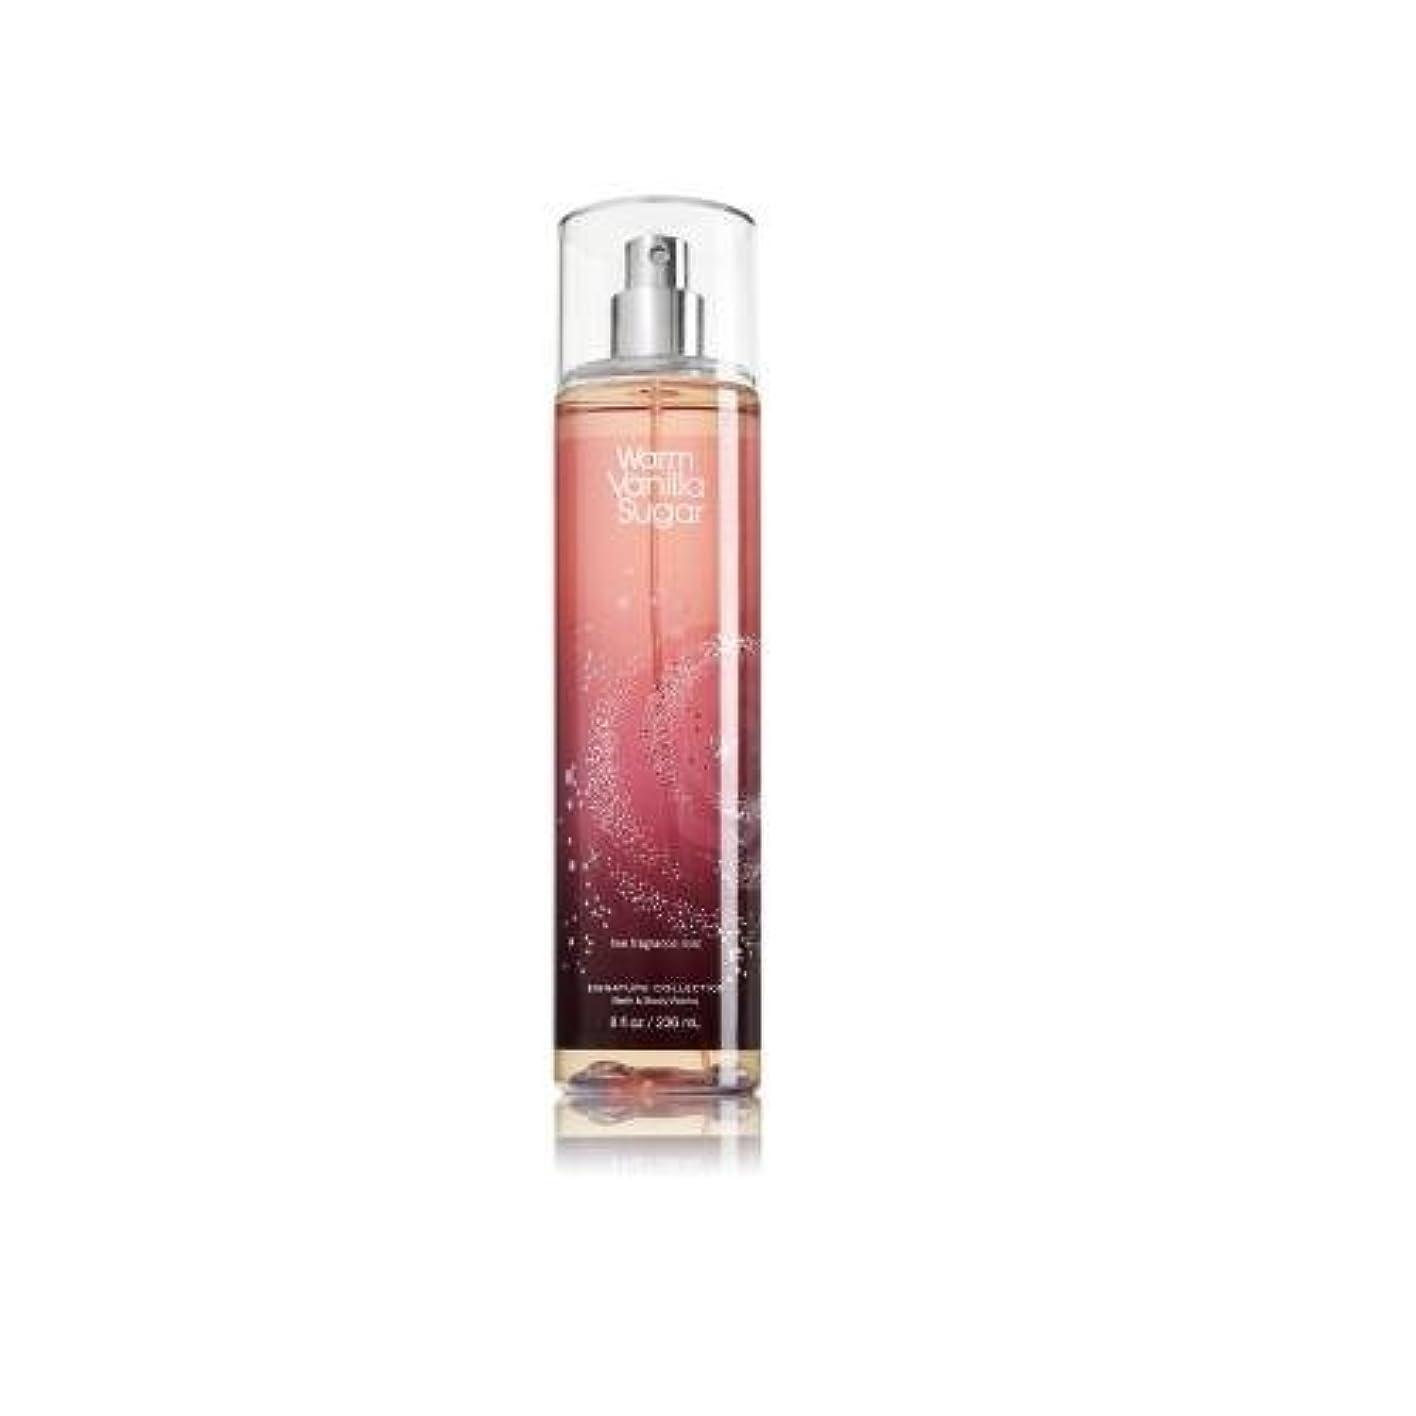 不名誉マグ検出するBath & Body Works ウォームバニラシュガー フレグランスミスト warm vanilla sugar Fragrance Mist[並行輸入品]